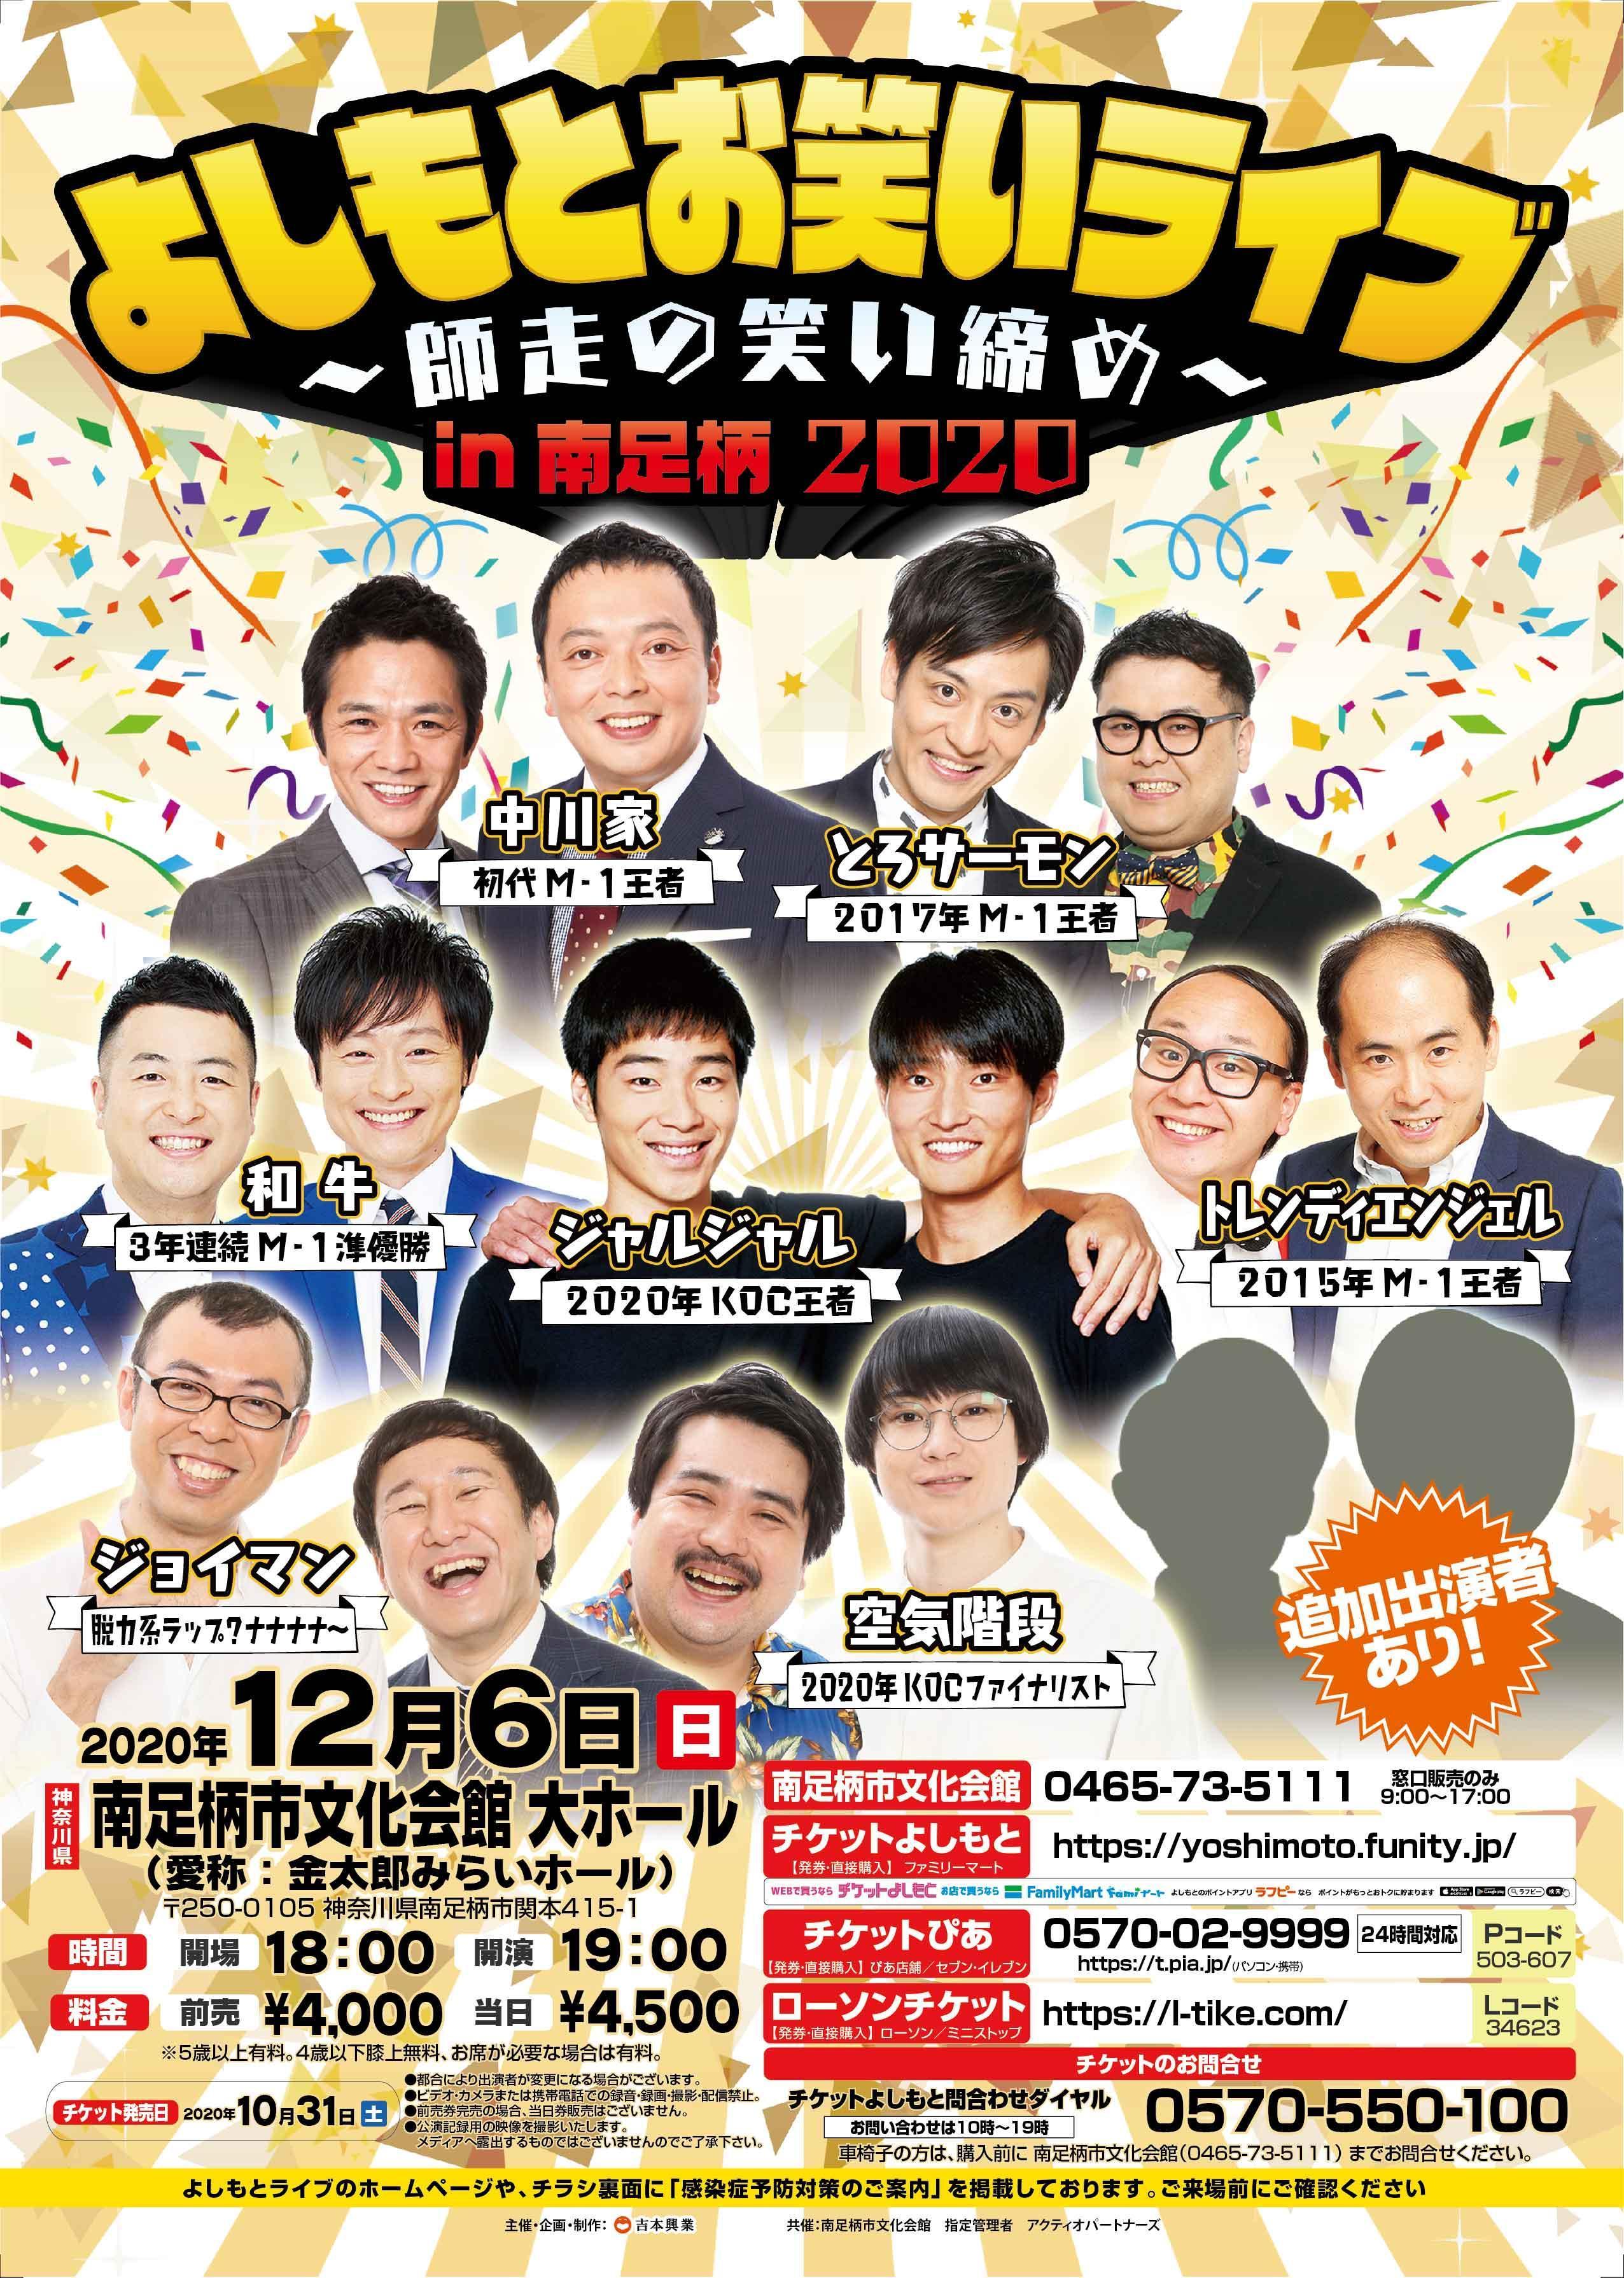 http://www.syumatsu.jp/20201016151555-361a65e96ff483f5d19163ea52938bde4390118a.jpg